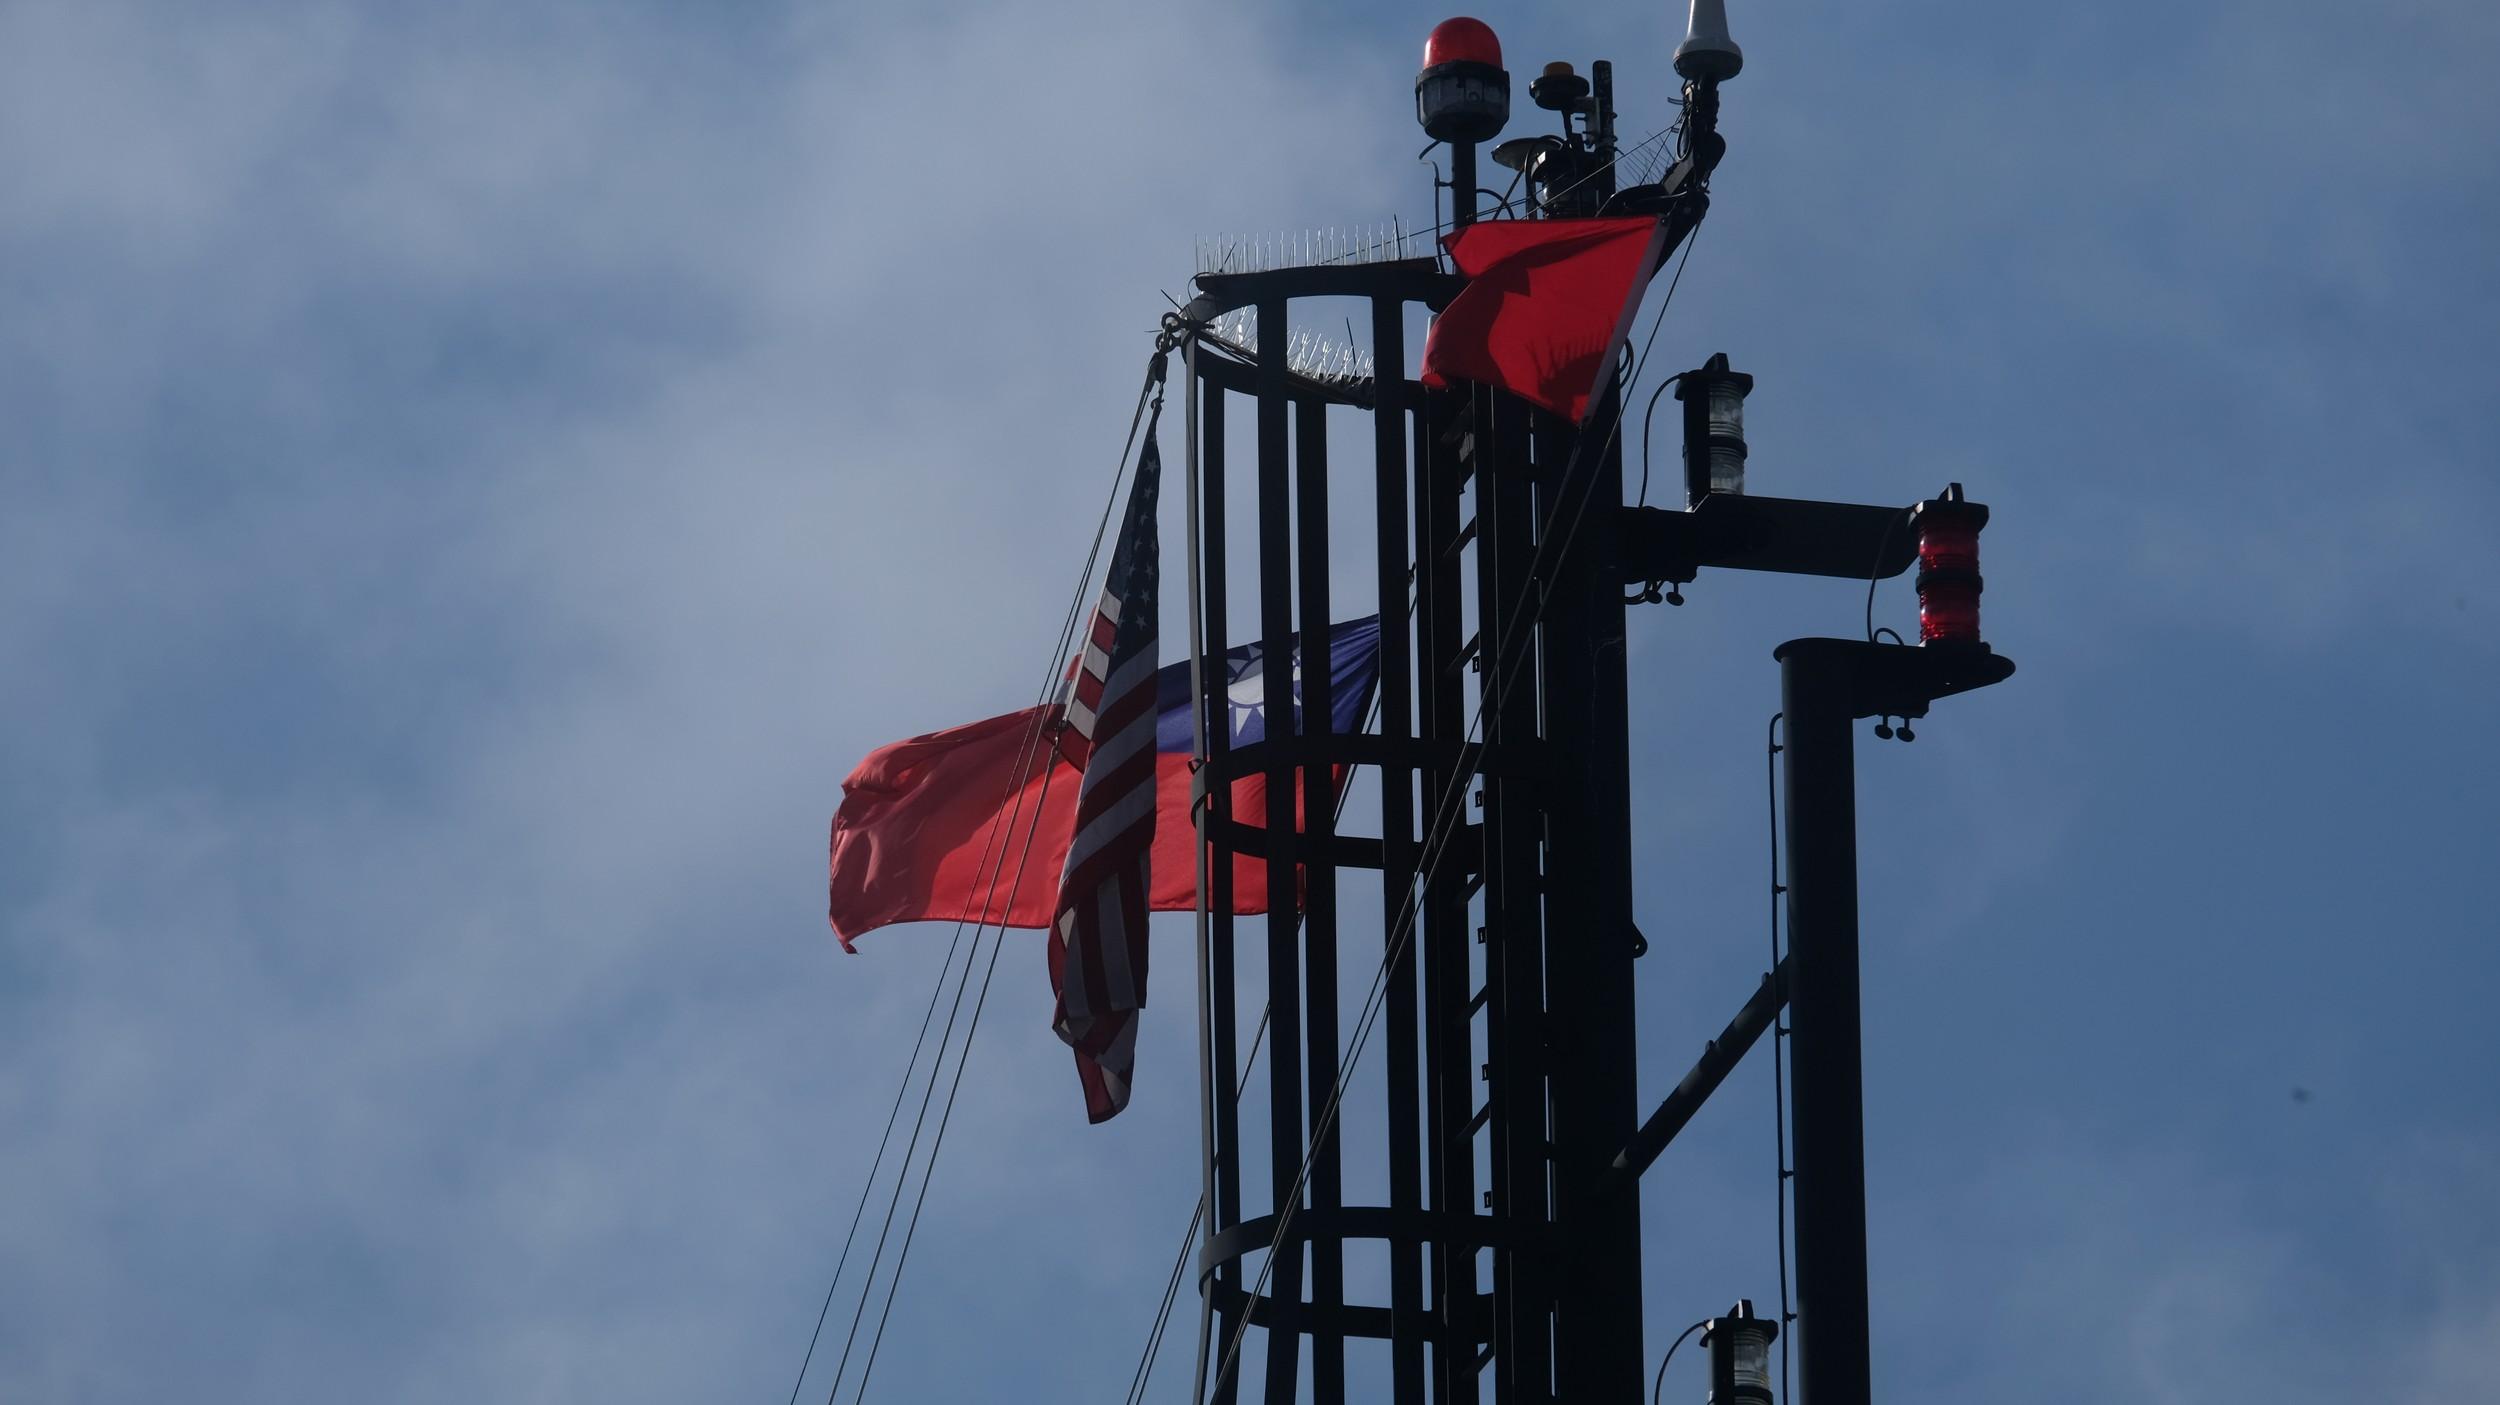 """美国海军科学研究船""""莎莉莱德号""""高挂美国国旗和台湾青天白日旗,进入台湾基隆港停靠。(林姓民众提供)"""